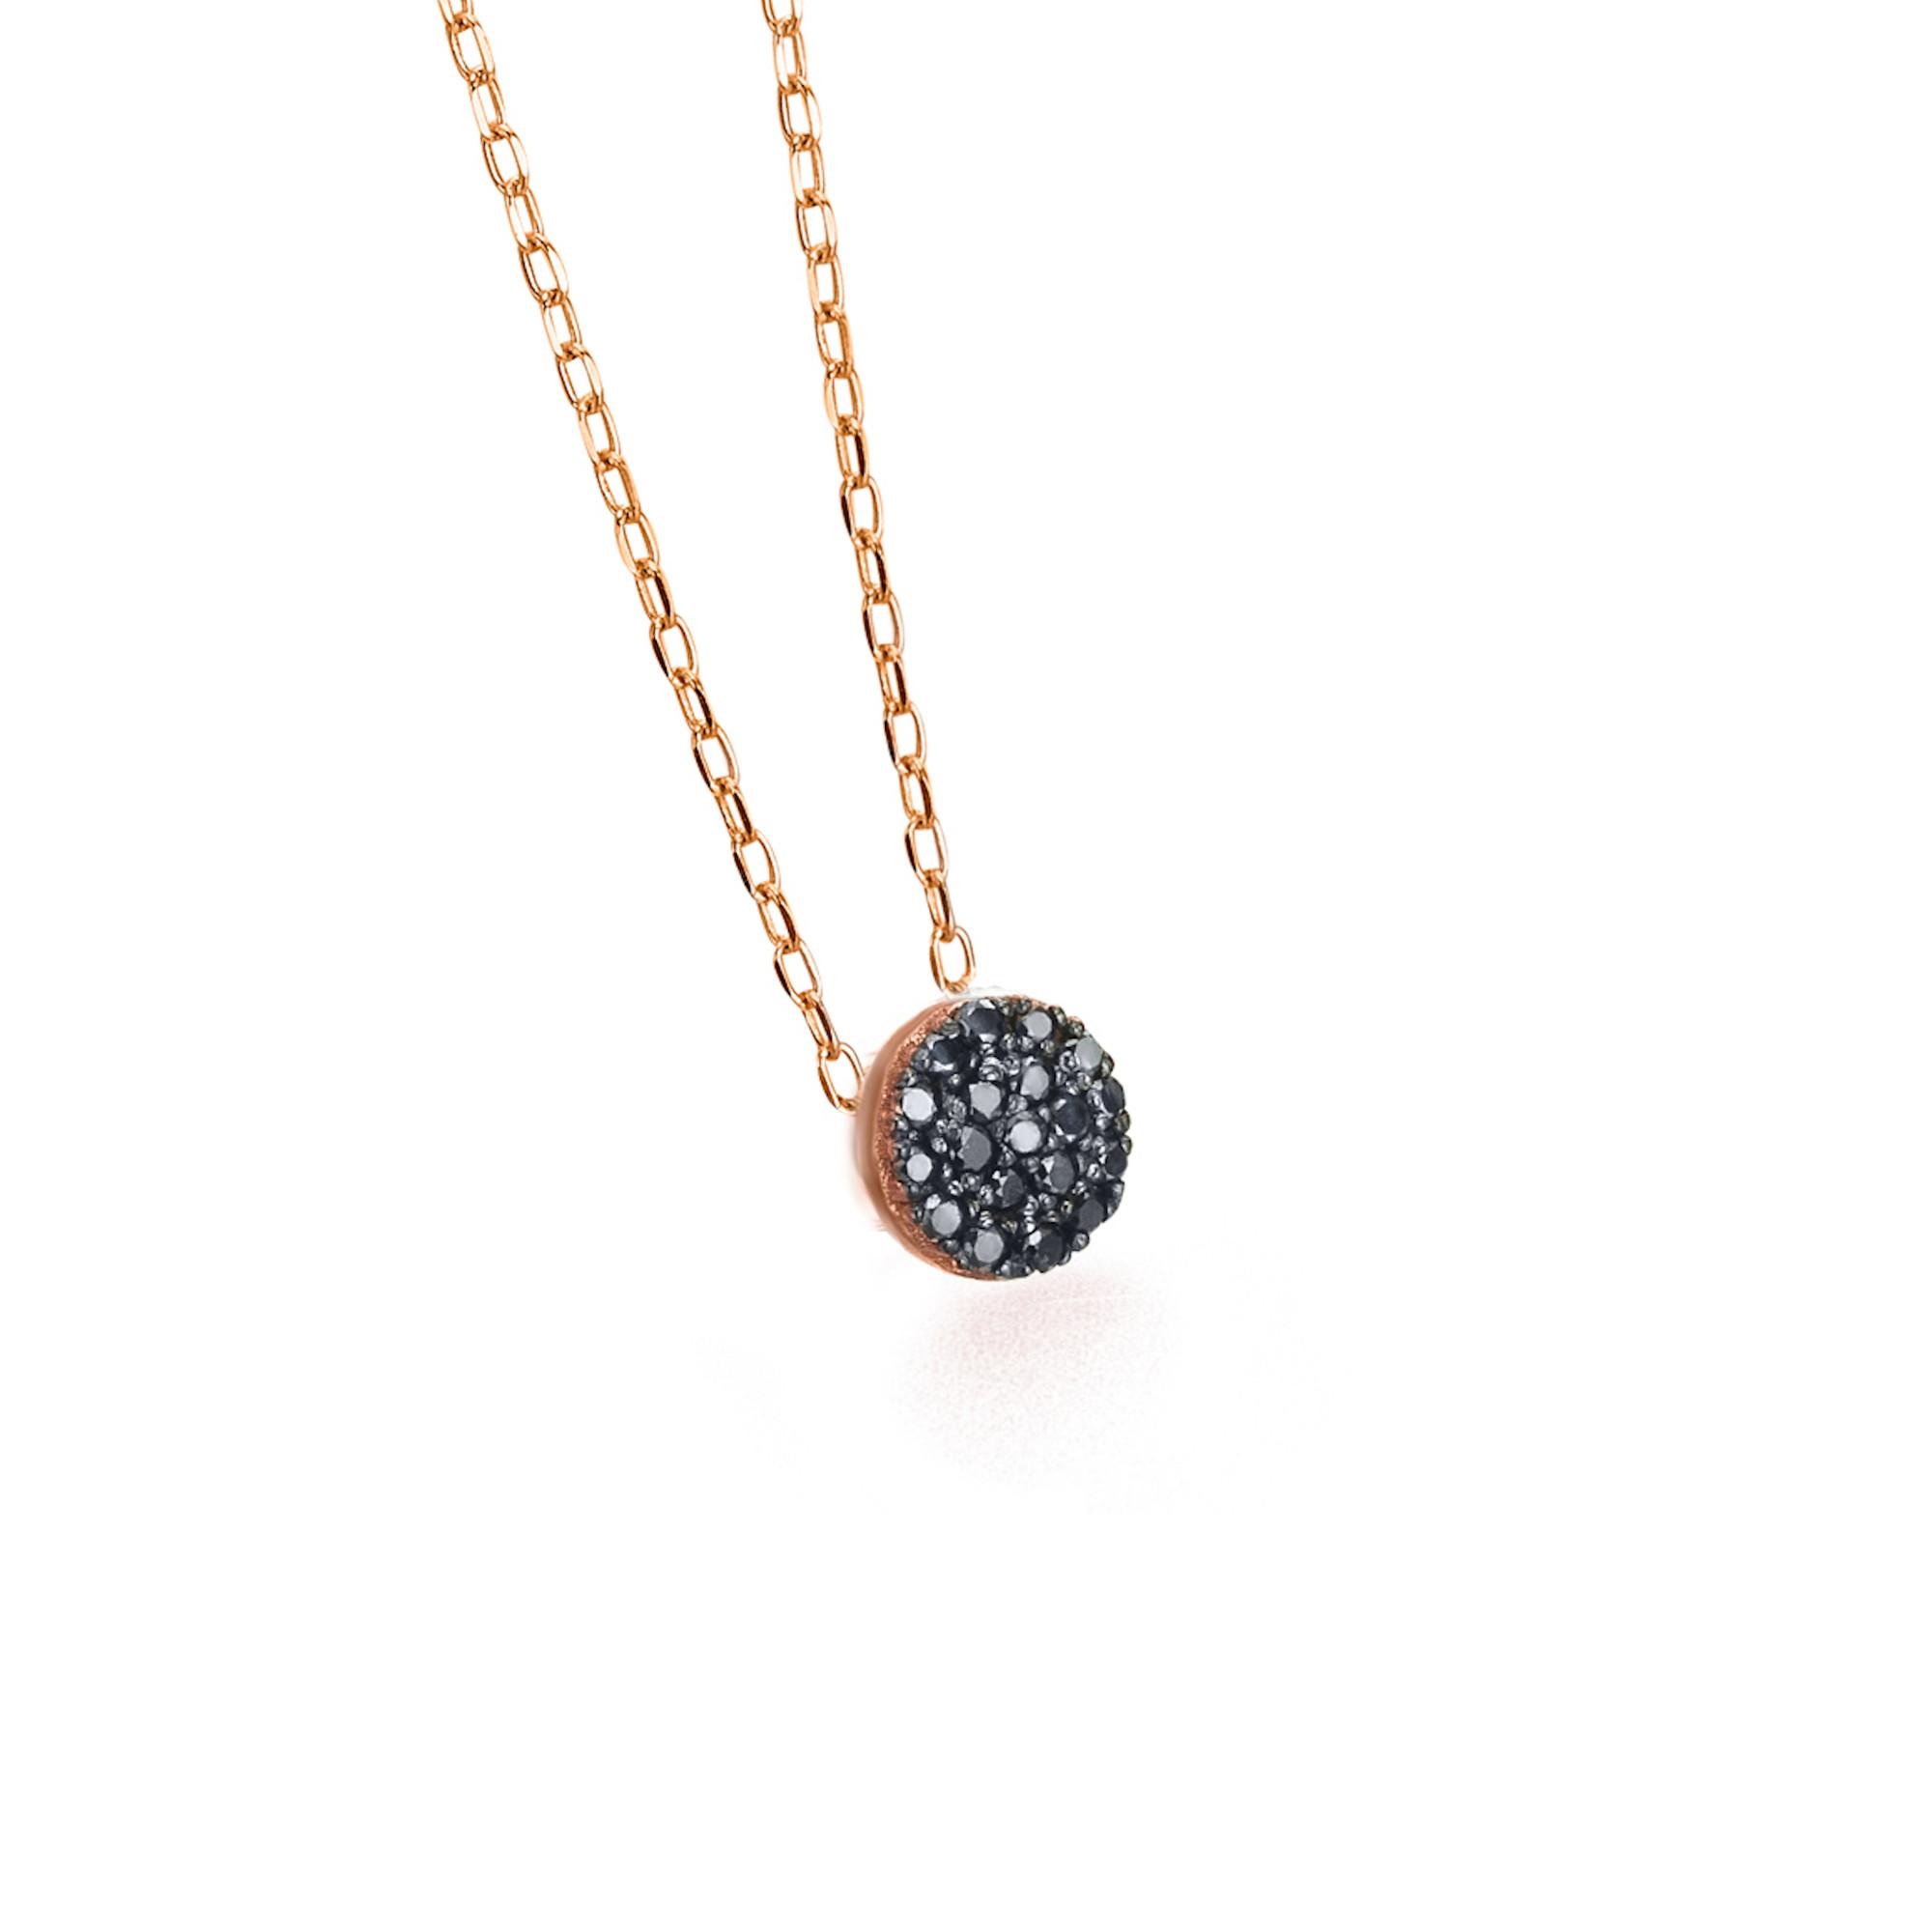 GD073OR-BL collana or rosa diamanti neri necklace black diamond discout code codice sconto